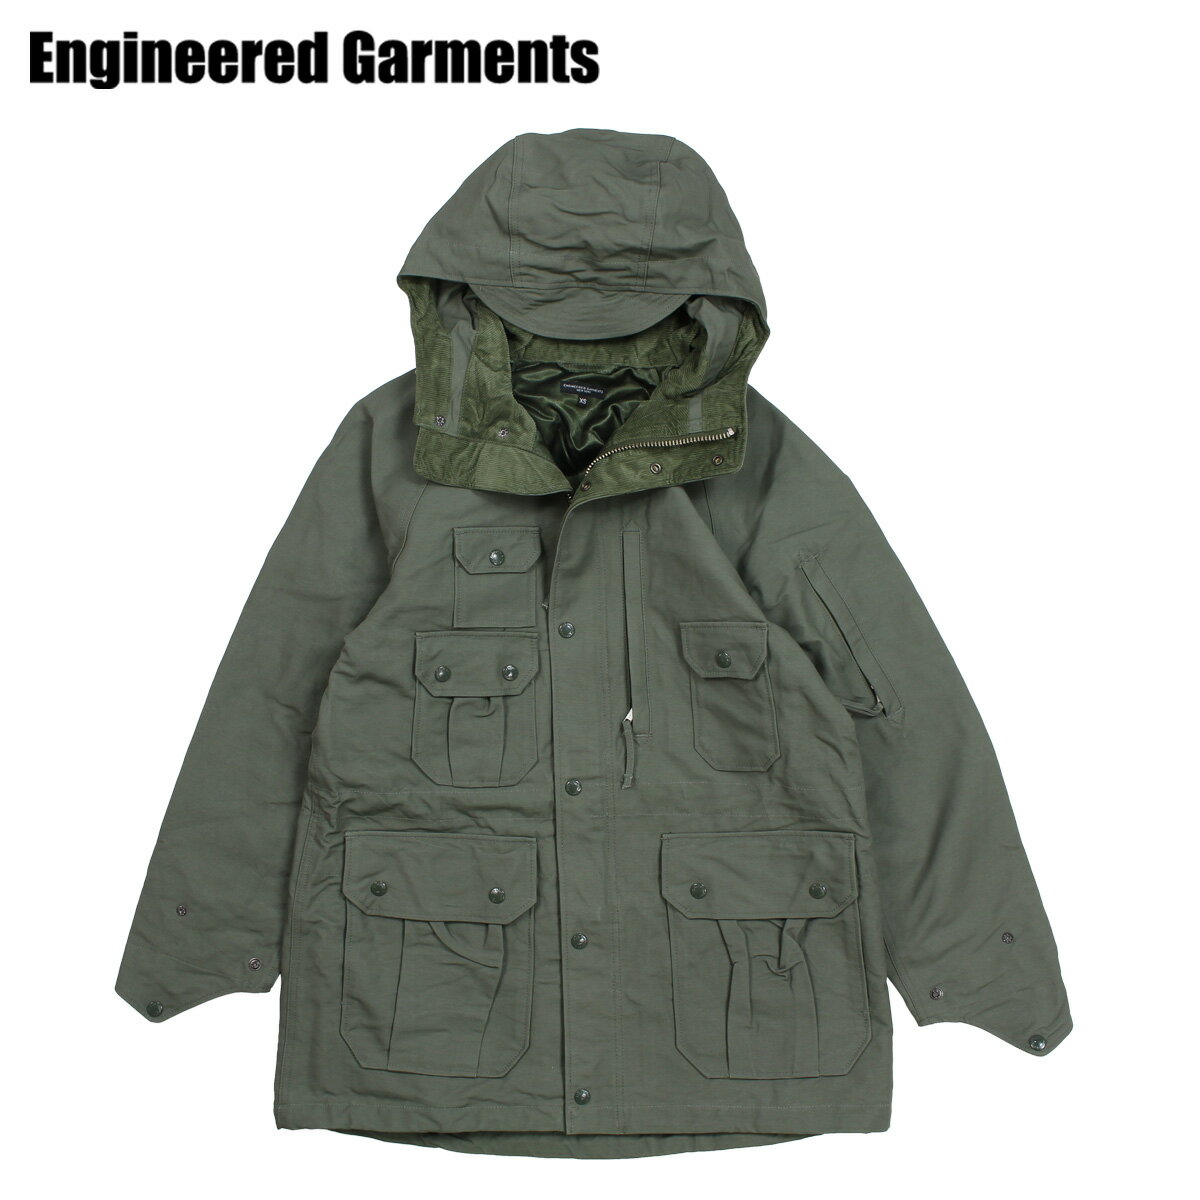 ENGINEERED GARMENTS FIELD PARKA エンジニアドガーメンツ ジャケット メンズ マウンテンパーカー オリーブ F8D1280